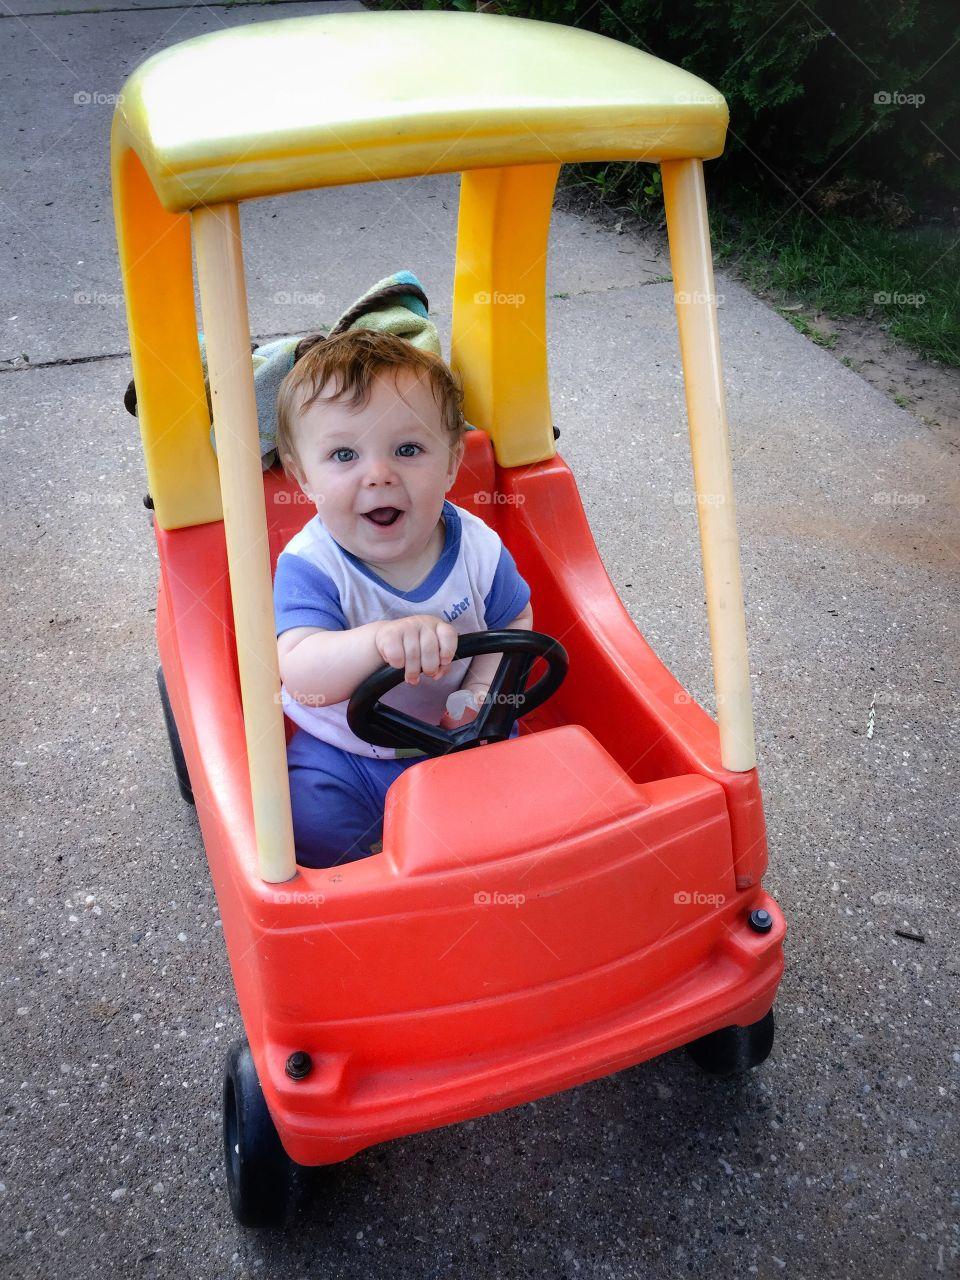 Cute boy travelling in toy car